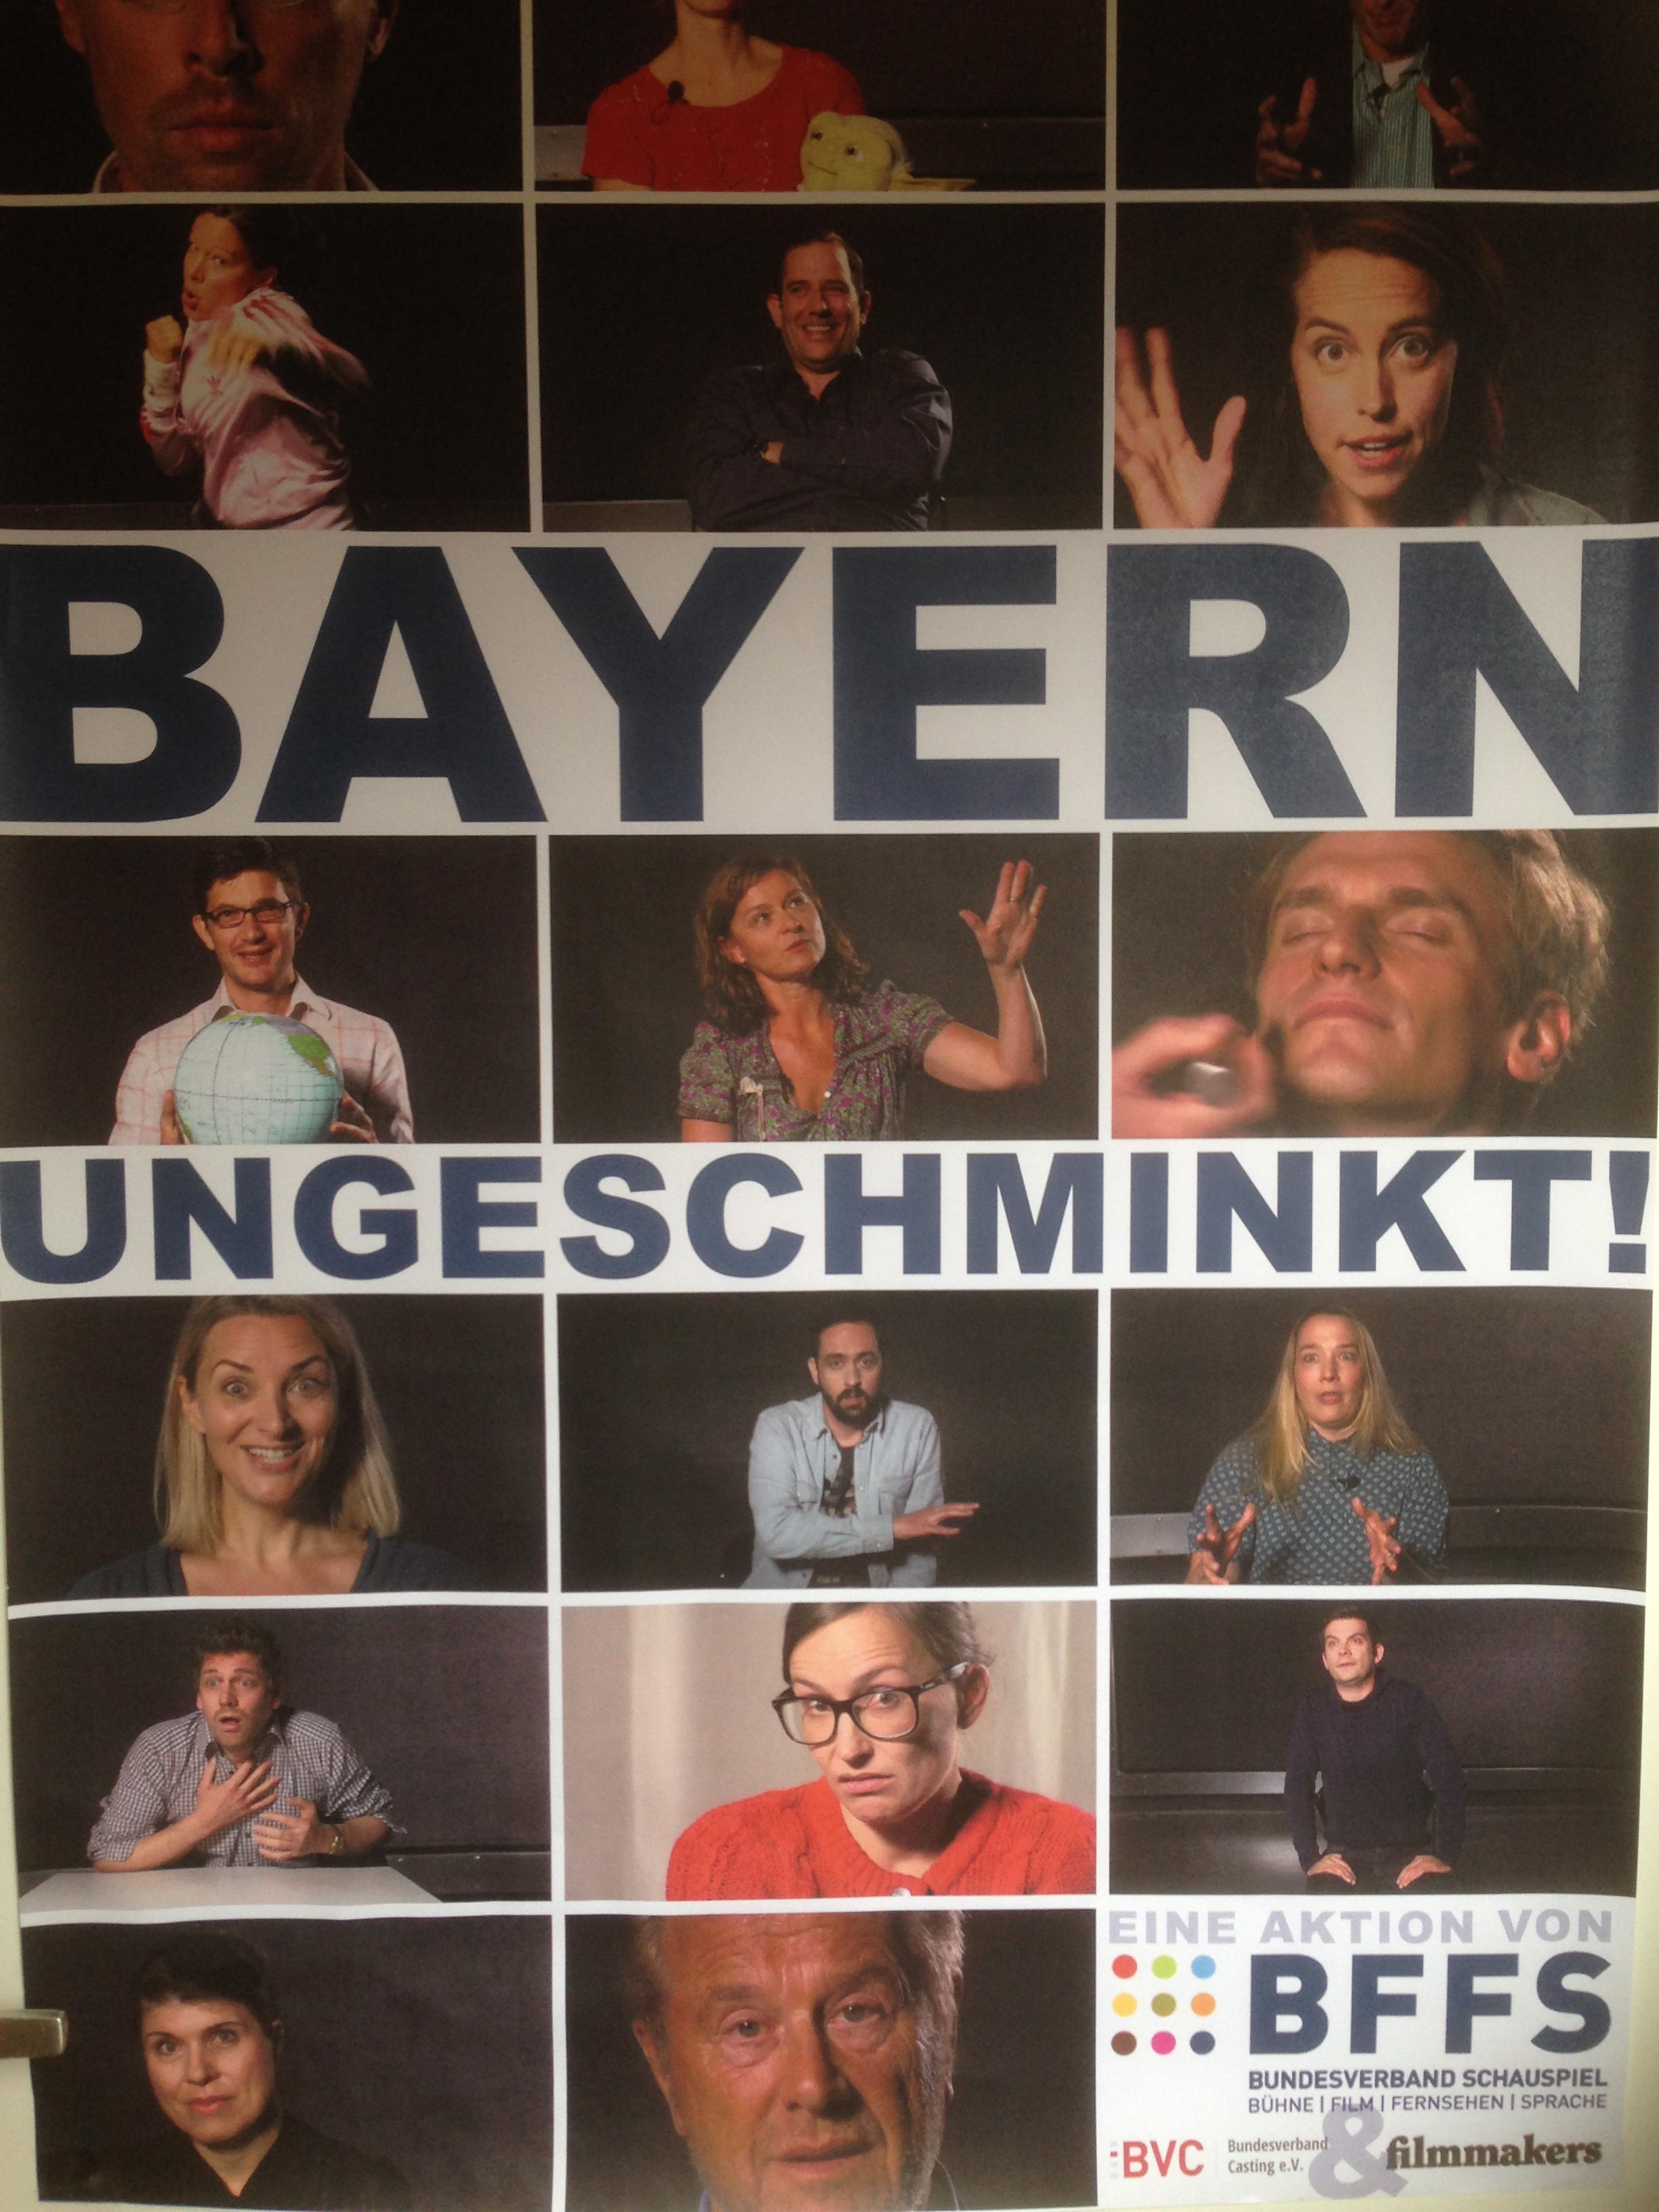 Bayern Ungeschminkt vom BFFS